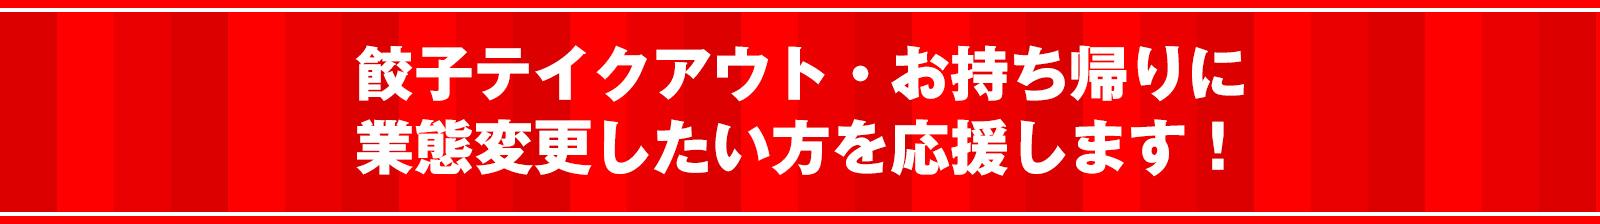 餃子テイクアウト・お持ち帰りに業態変更したい方を応援します!